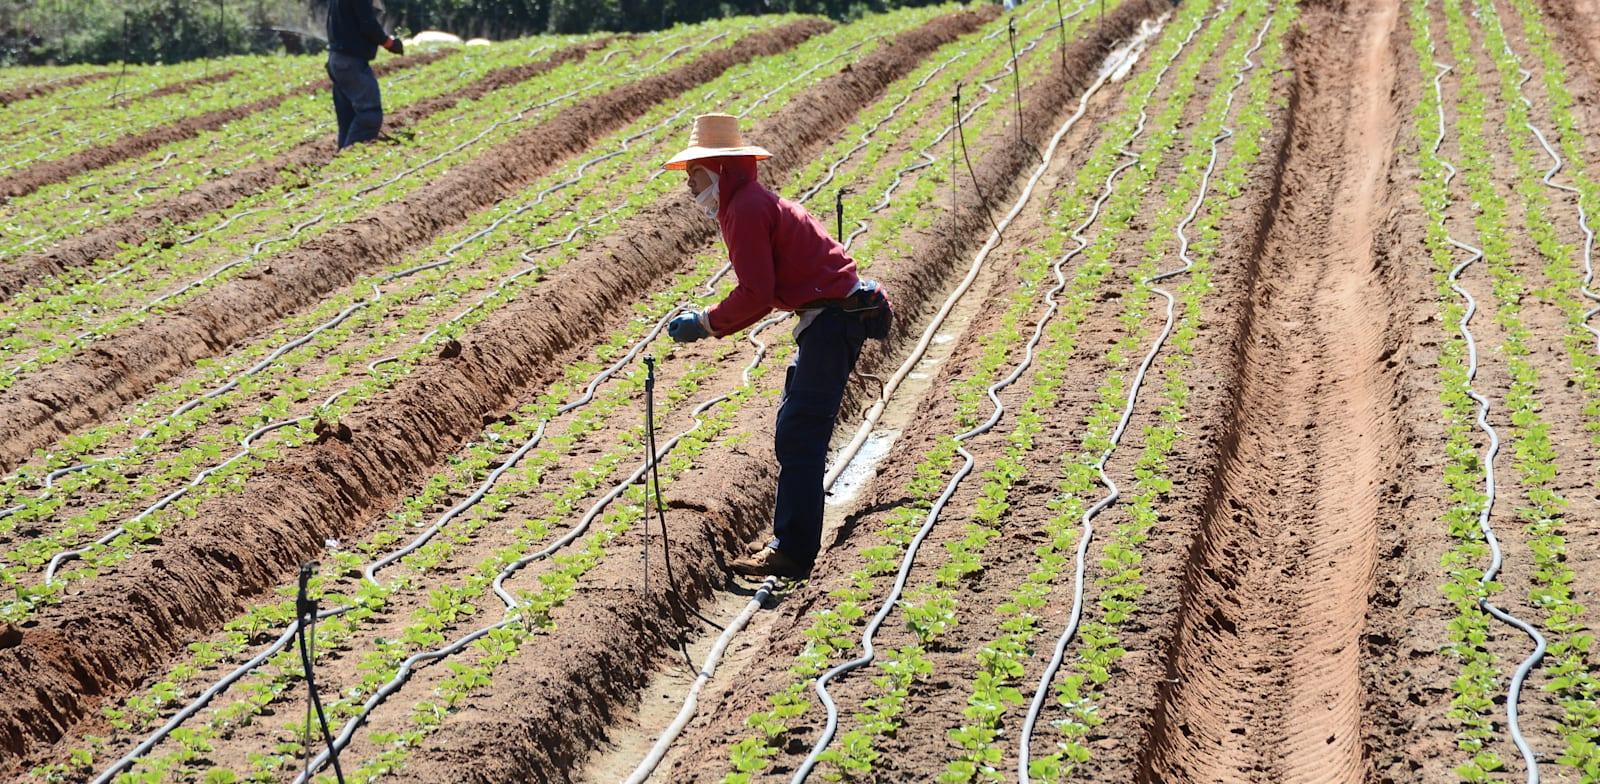 עובדים זרים עובדים בשדה / צילום: איל יצהר